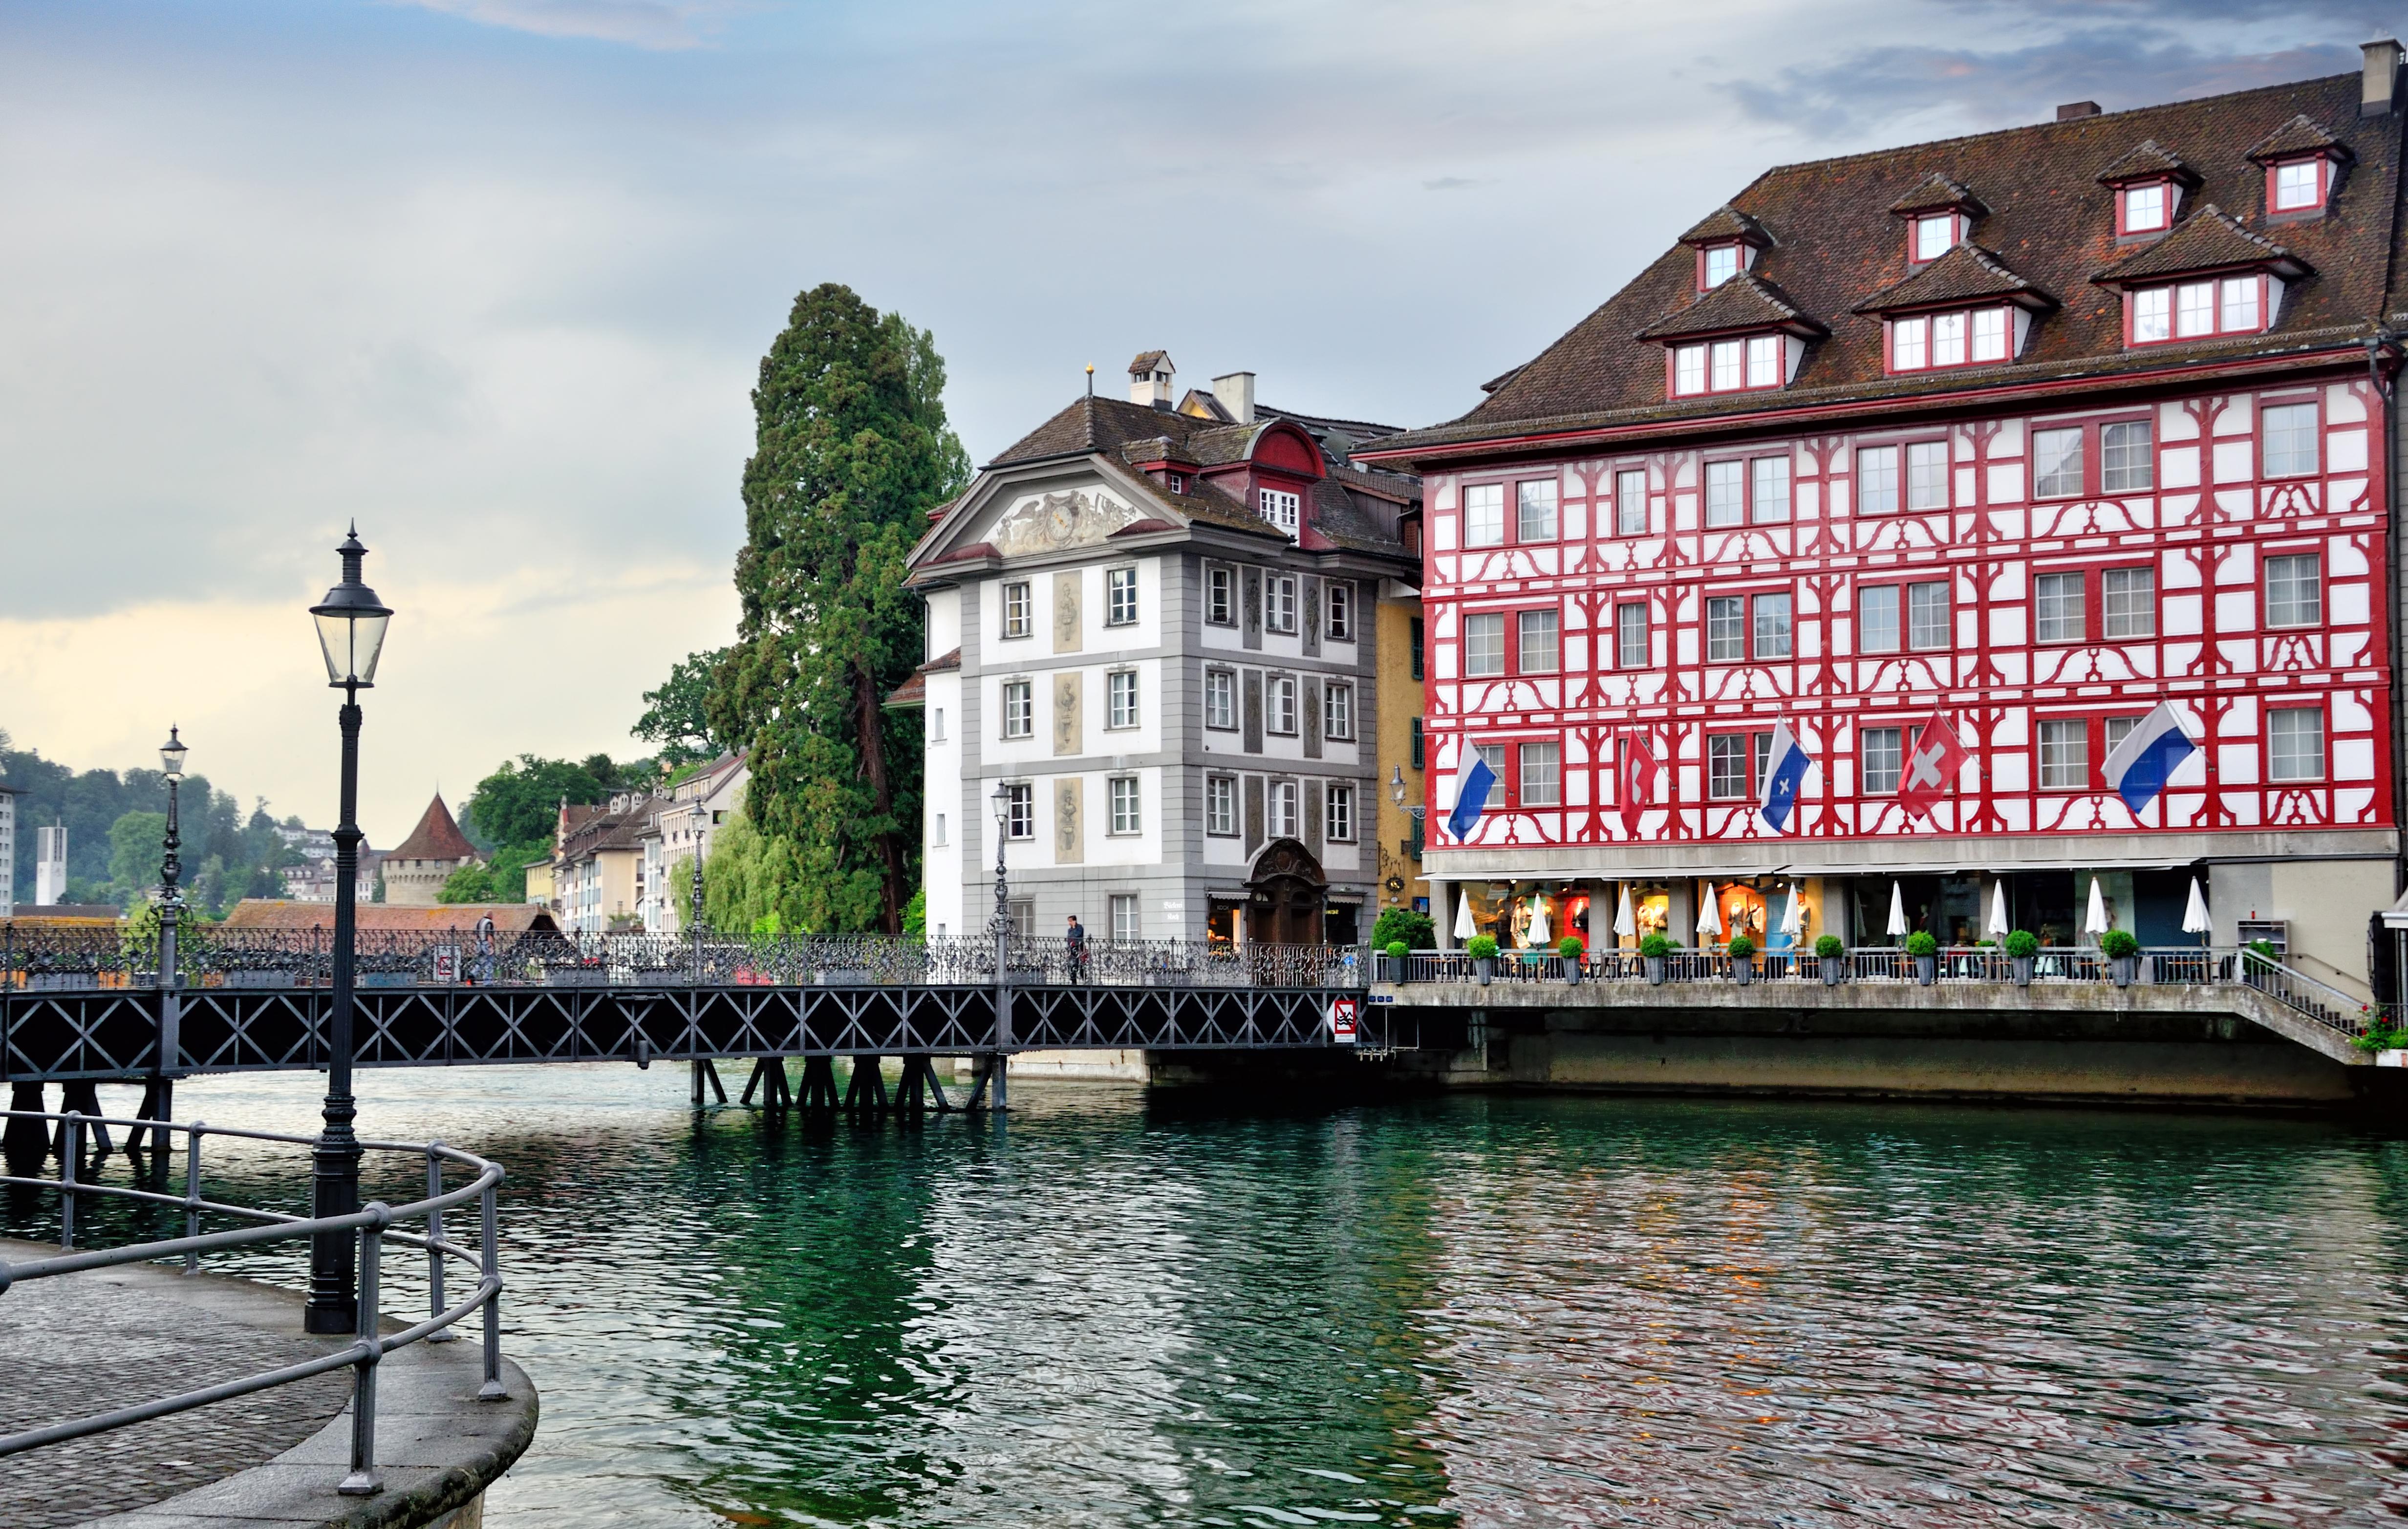 De crucero por el Lago de los Cuatro Cantones - Suiza Escapada Escapada a Suiza y Selva Negra